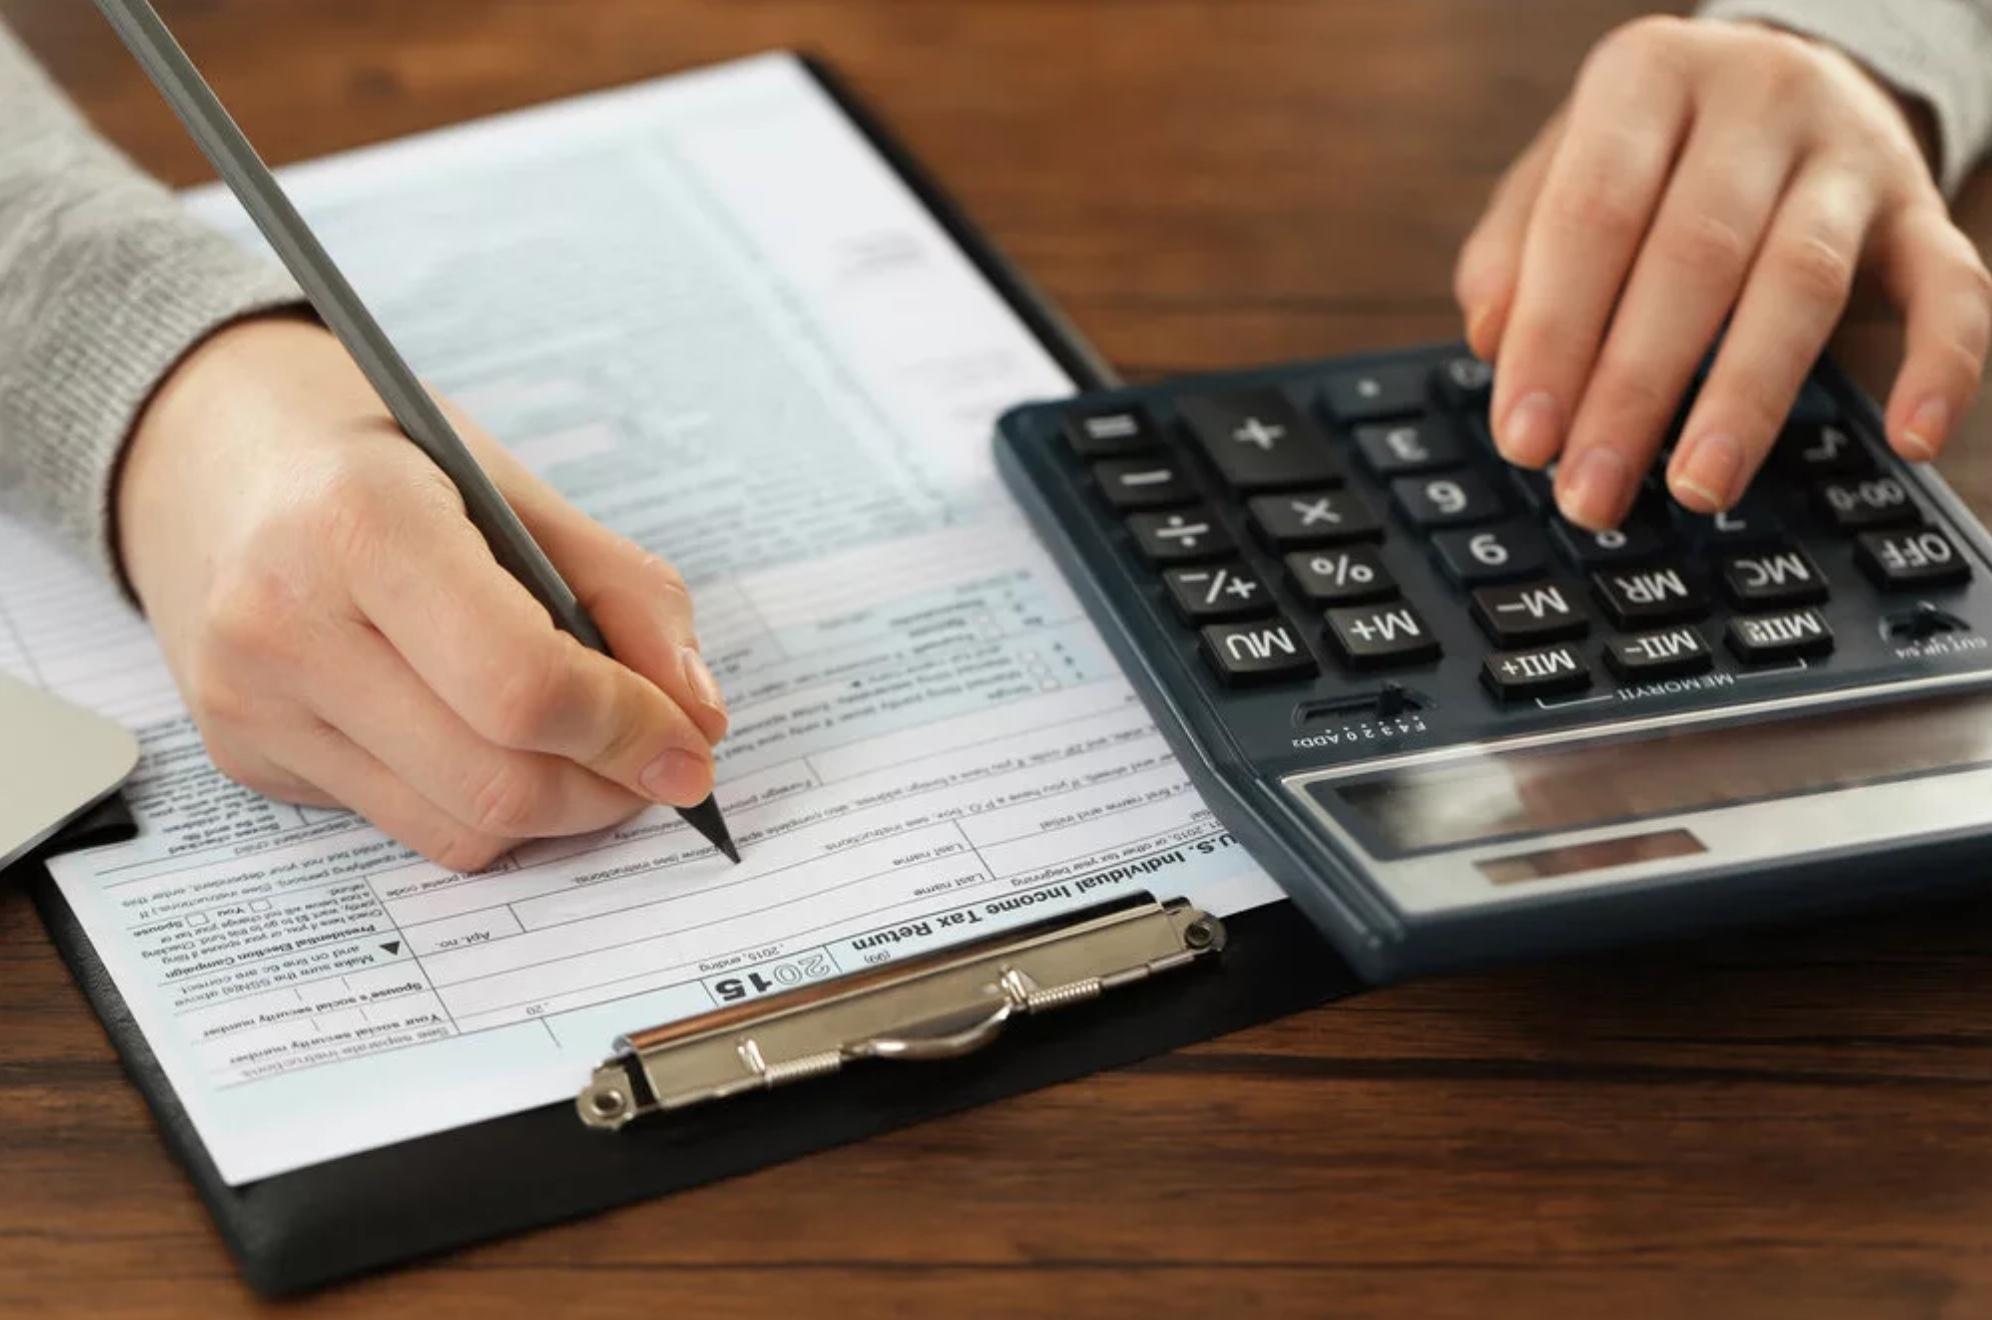 На рассмотрение в Государственную Думу РФ внесен новый законопроект, подразумевающий освобождение некоторых граждан от уплаты налога на доходы физического лица